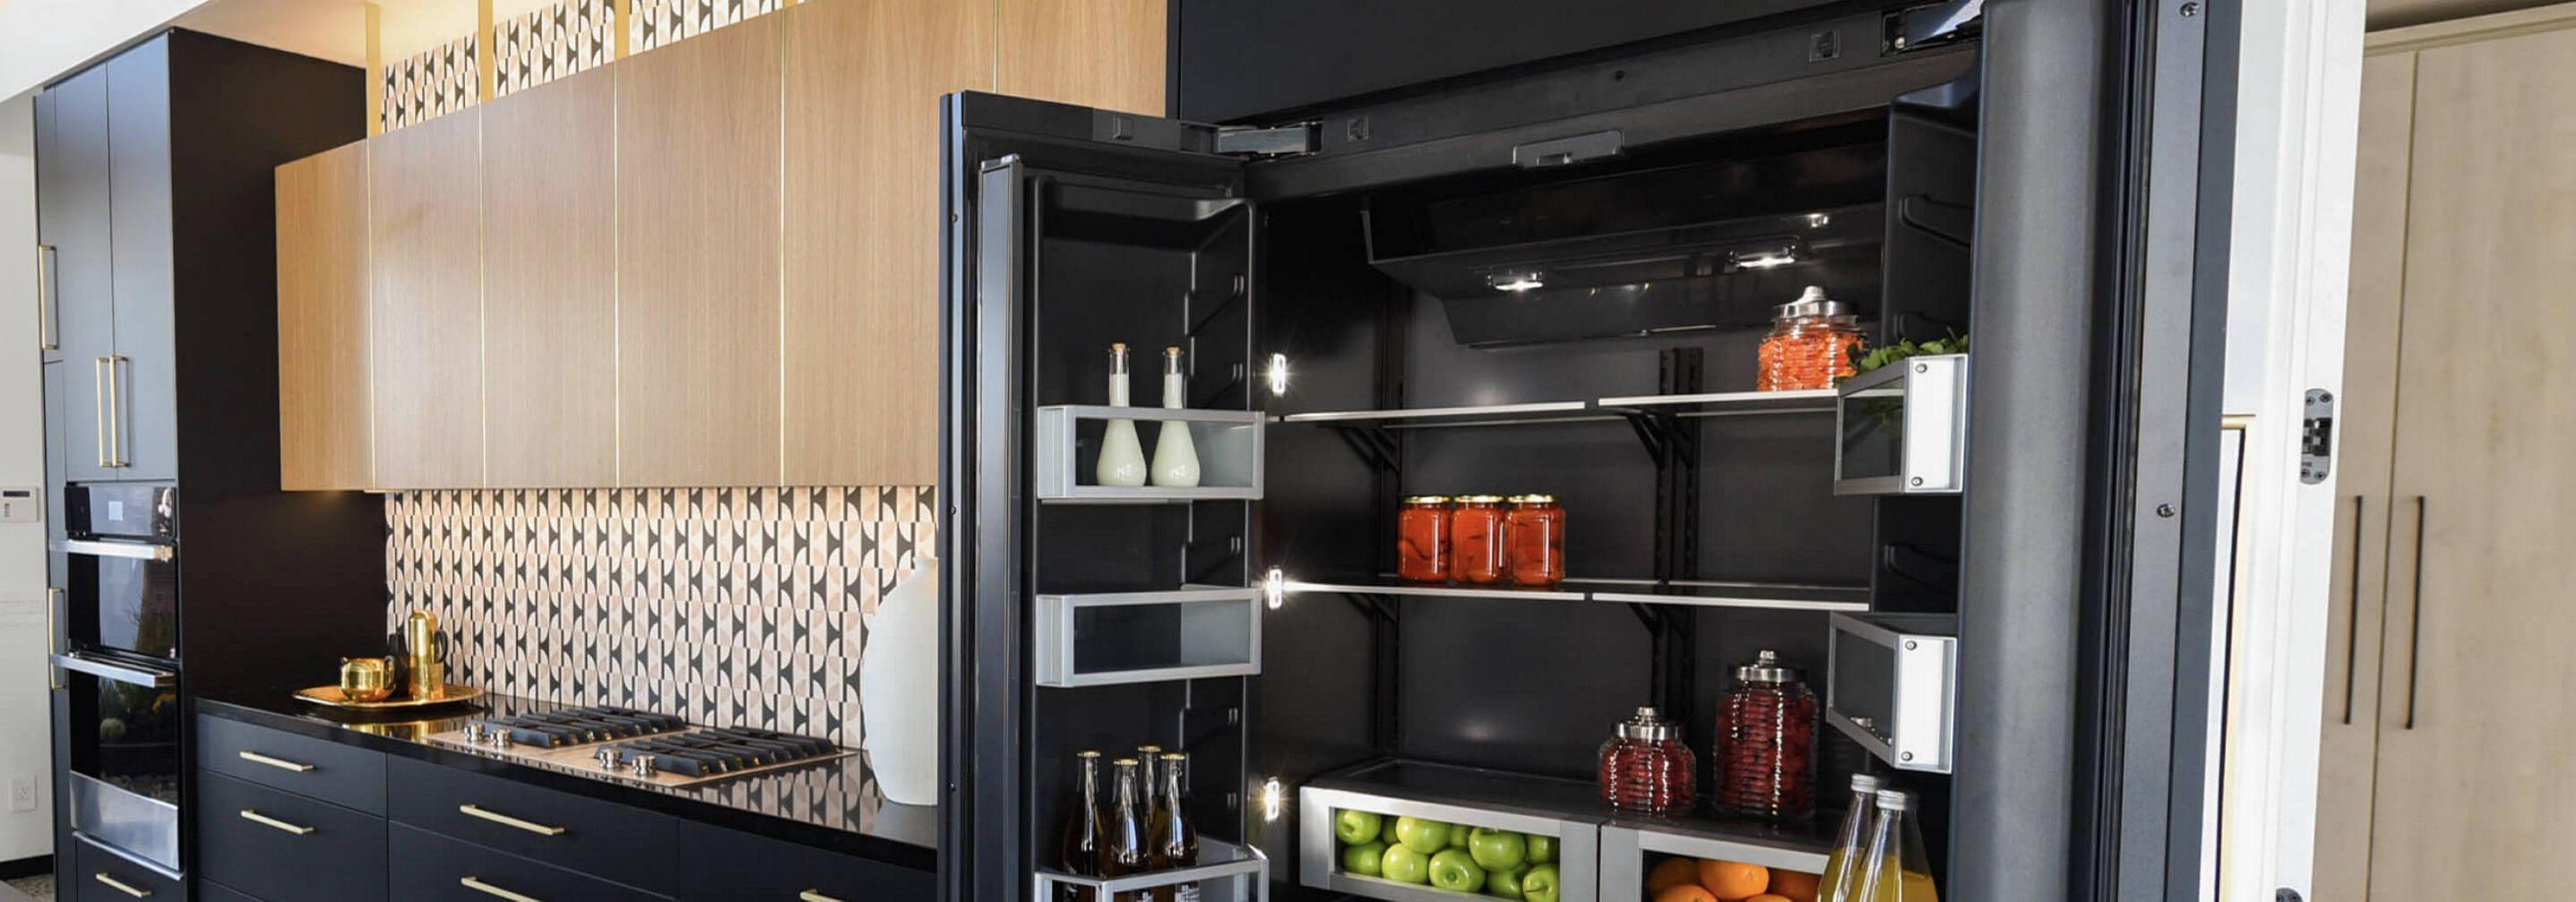 An open JennAir® Built-In Refrigerator.